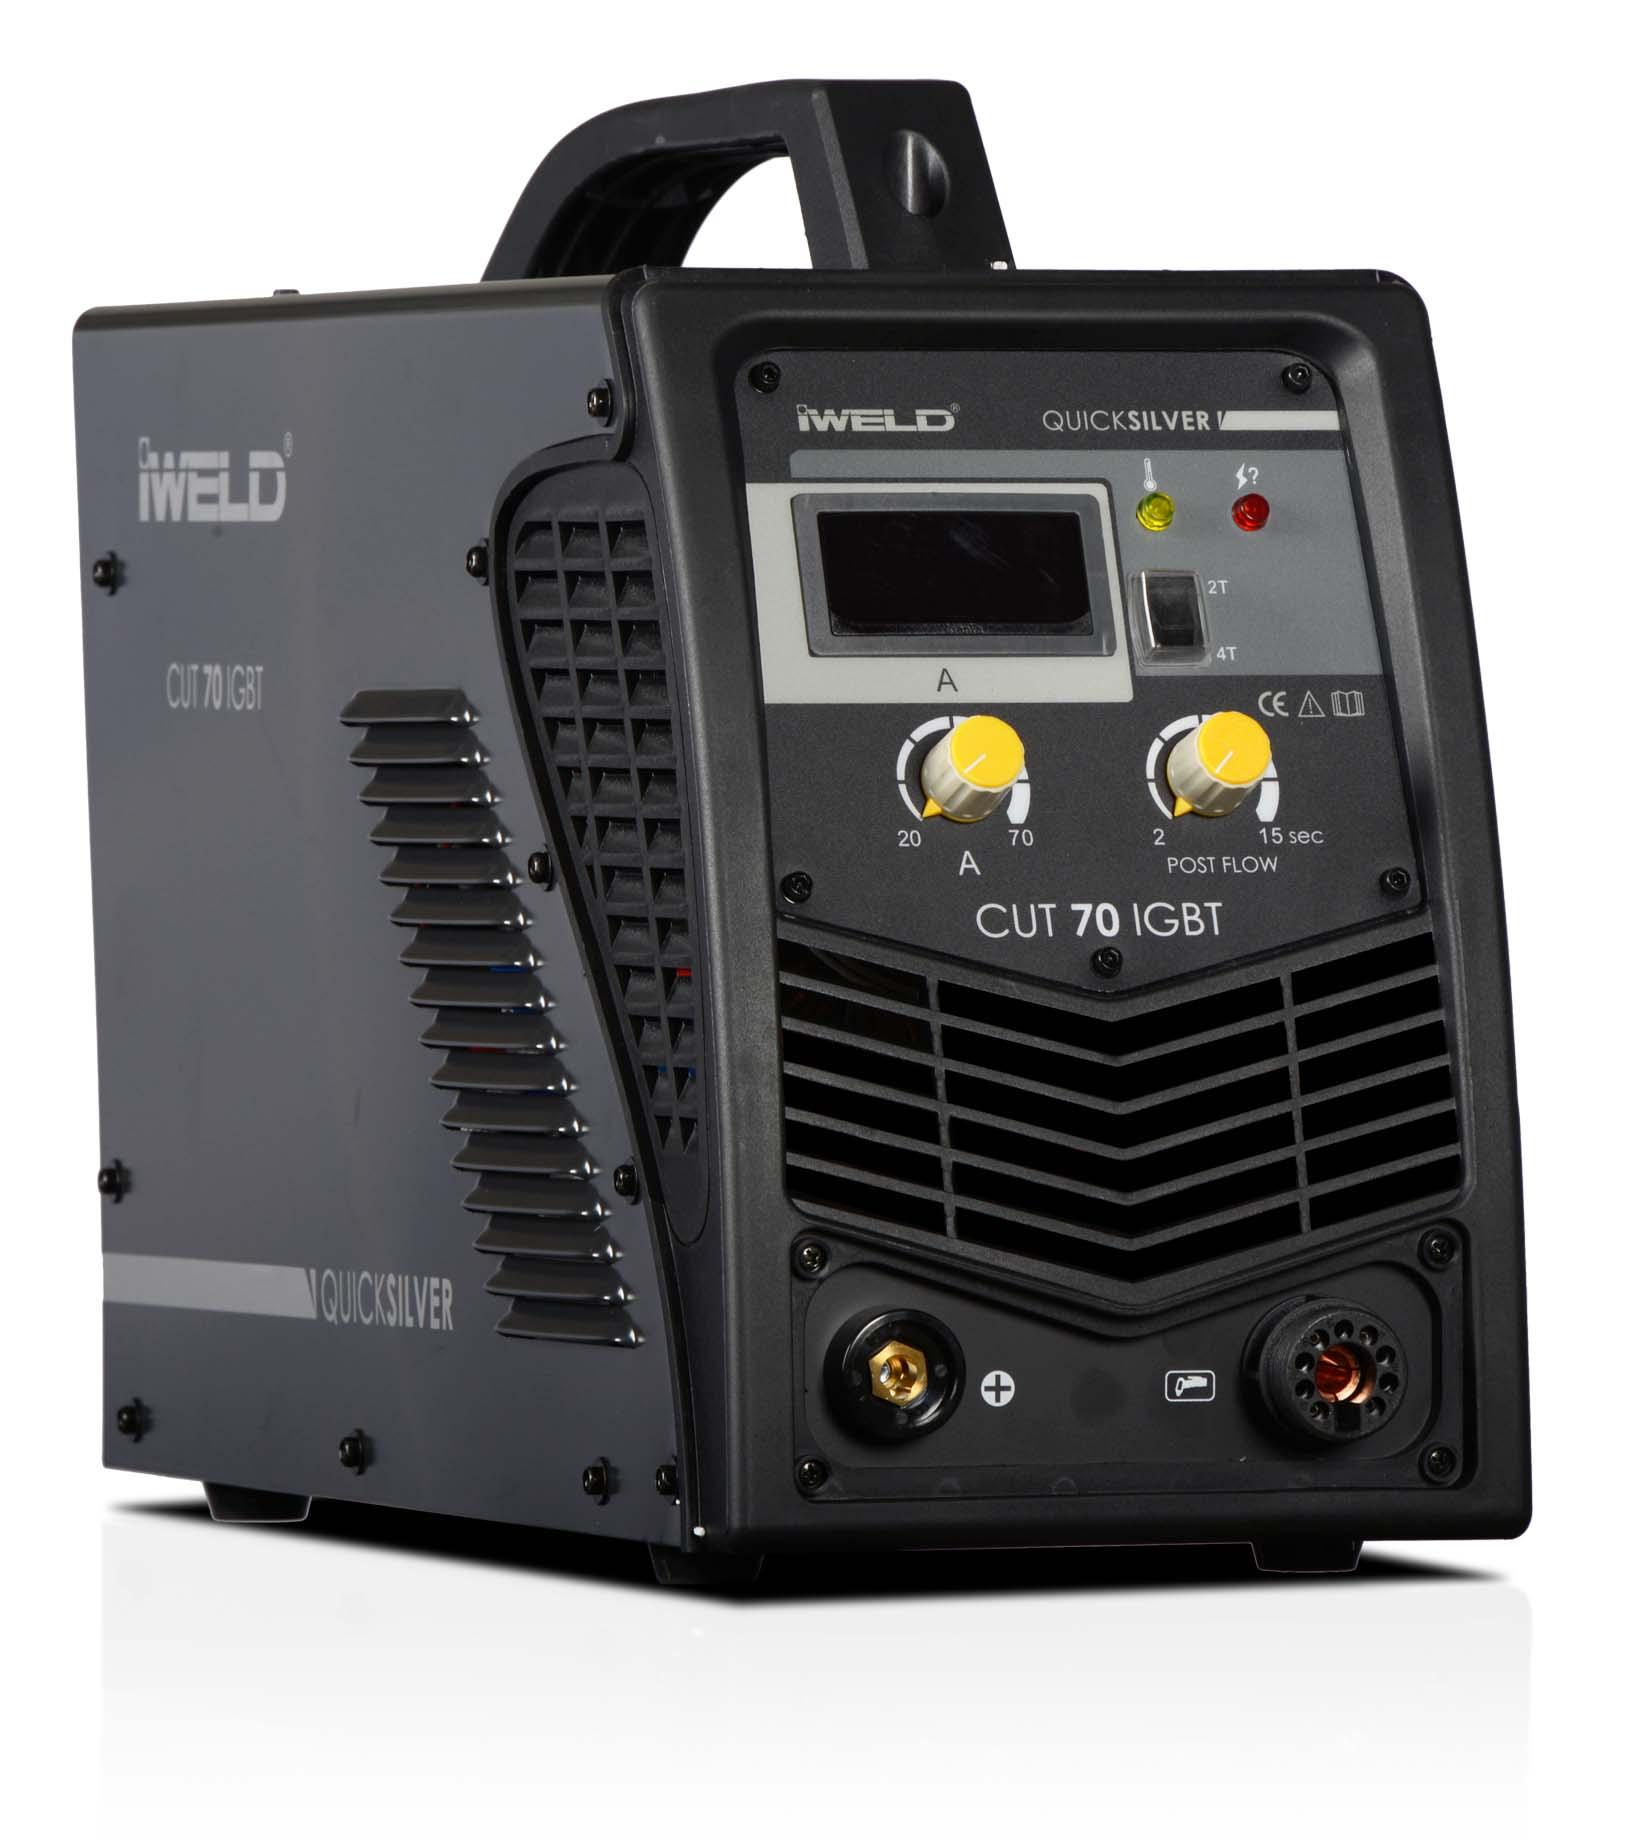 IWELD CUT 70 IGBT Digital